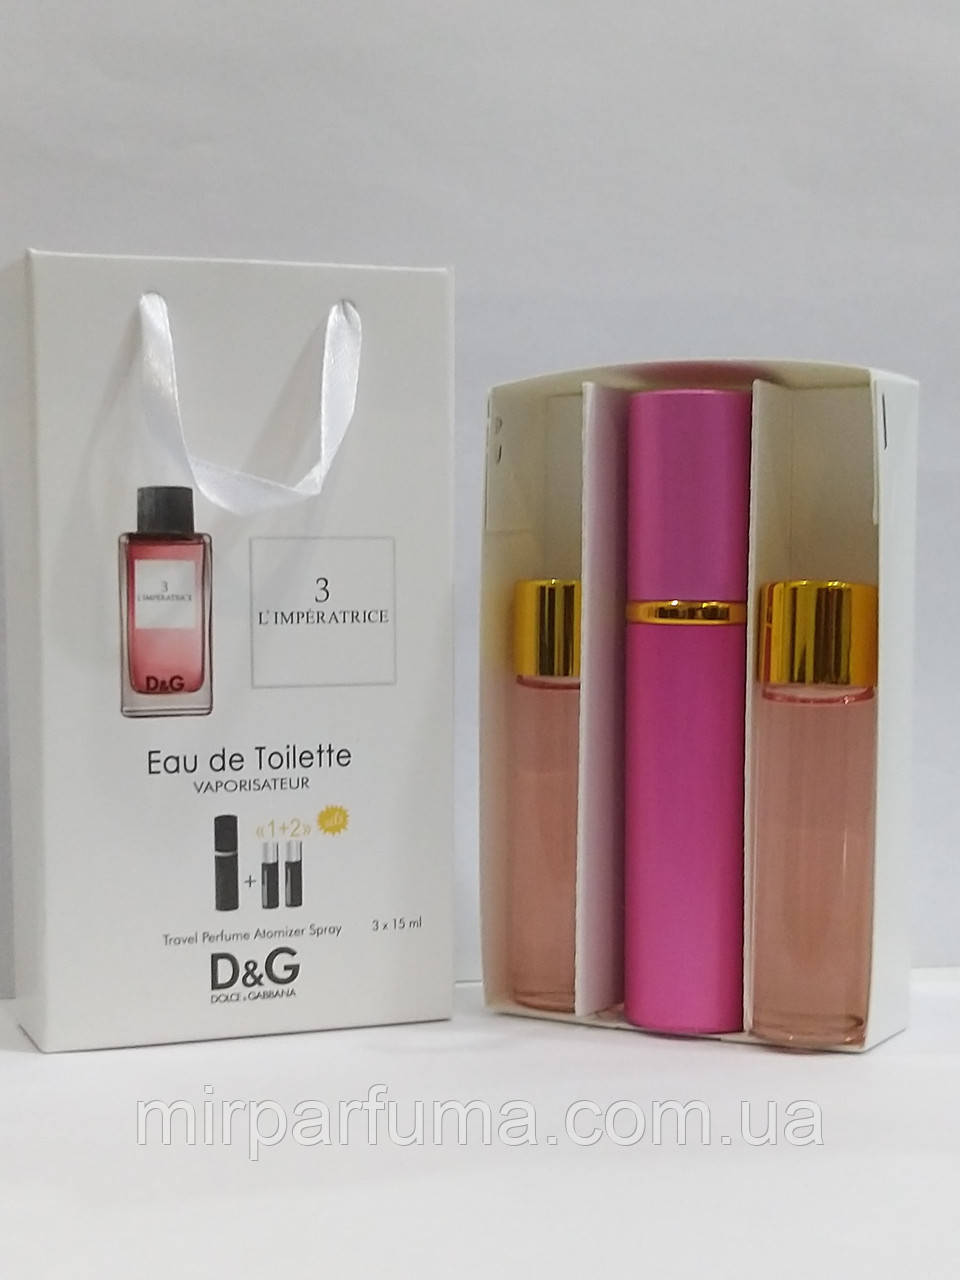 Міні парфуми з феромонами 45ml Dolce & Gabbana 3 L ' imperatrice